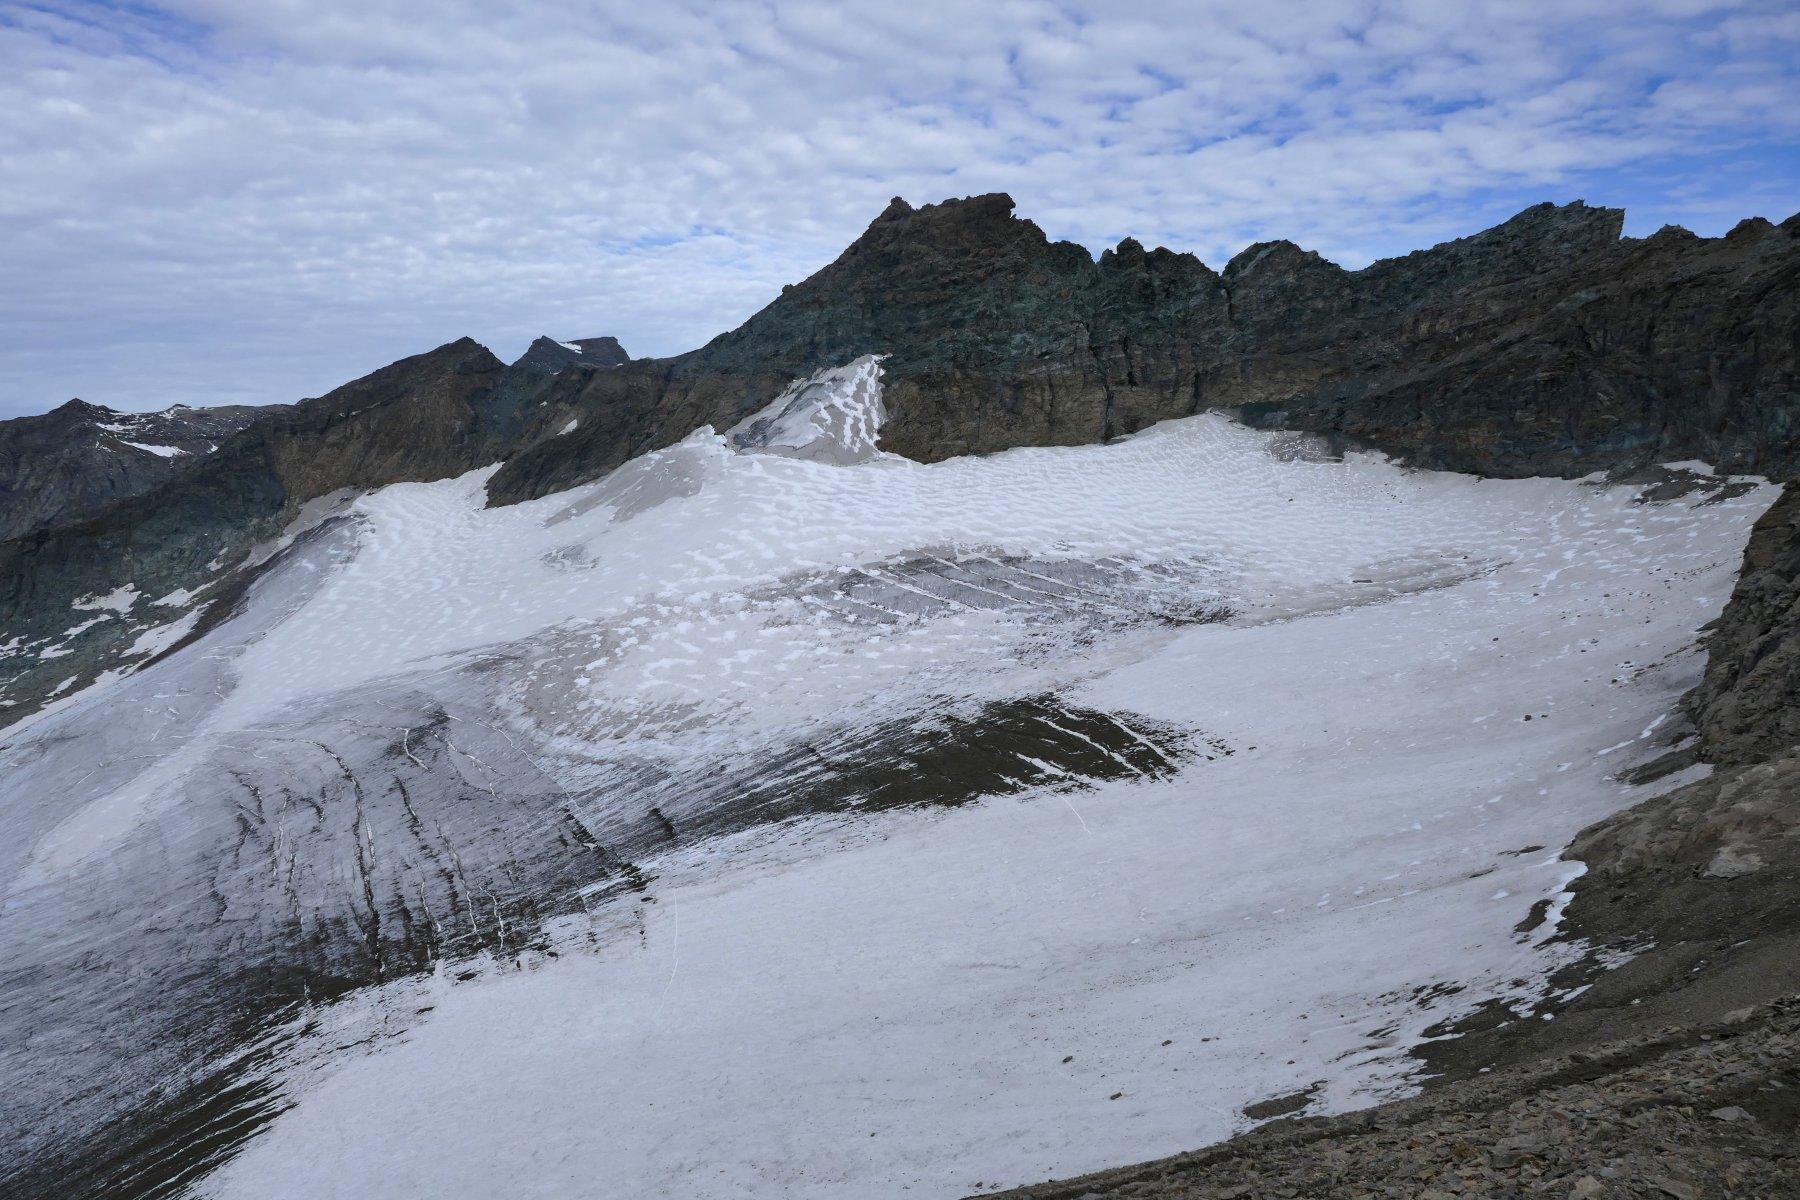 La Piccola Ciamarella e il ghiacciaio visti salendo il tratto terminale